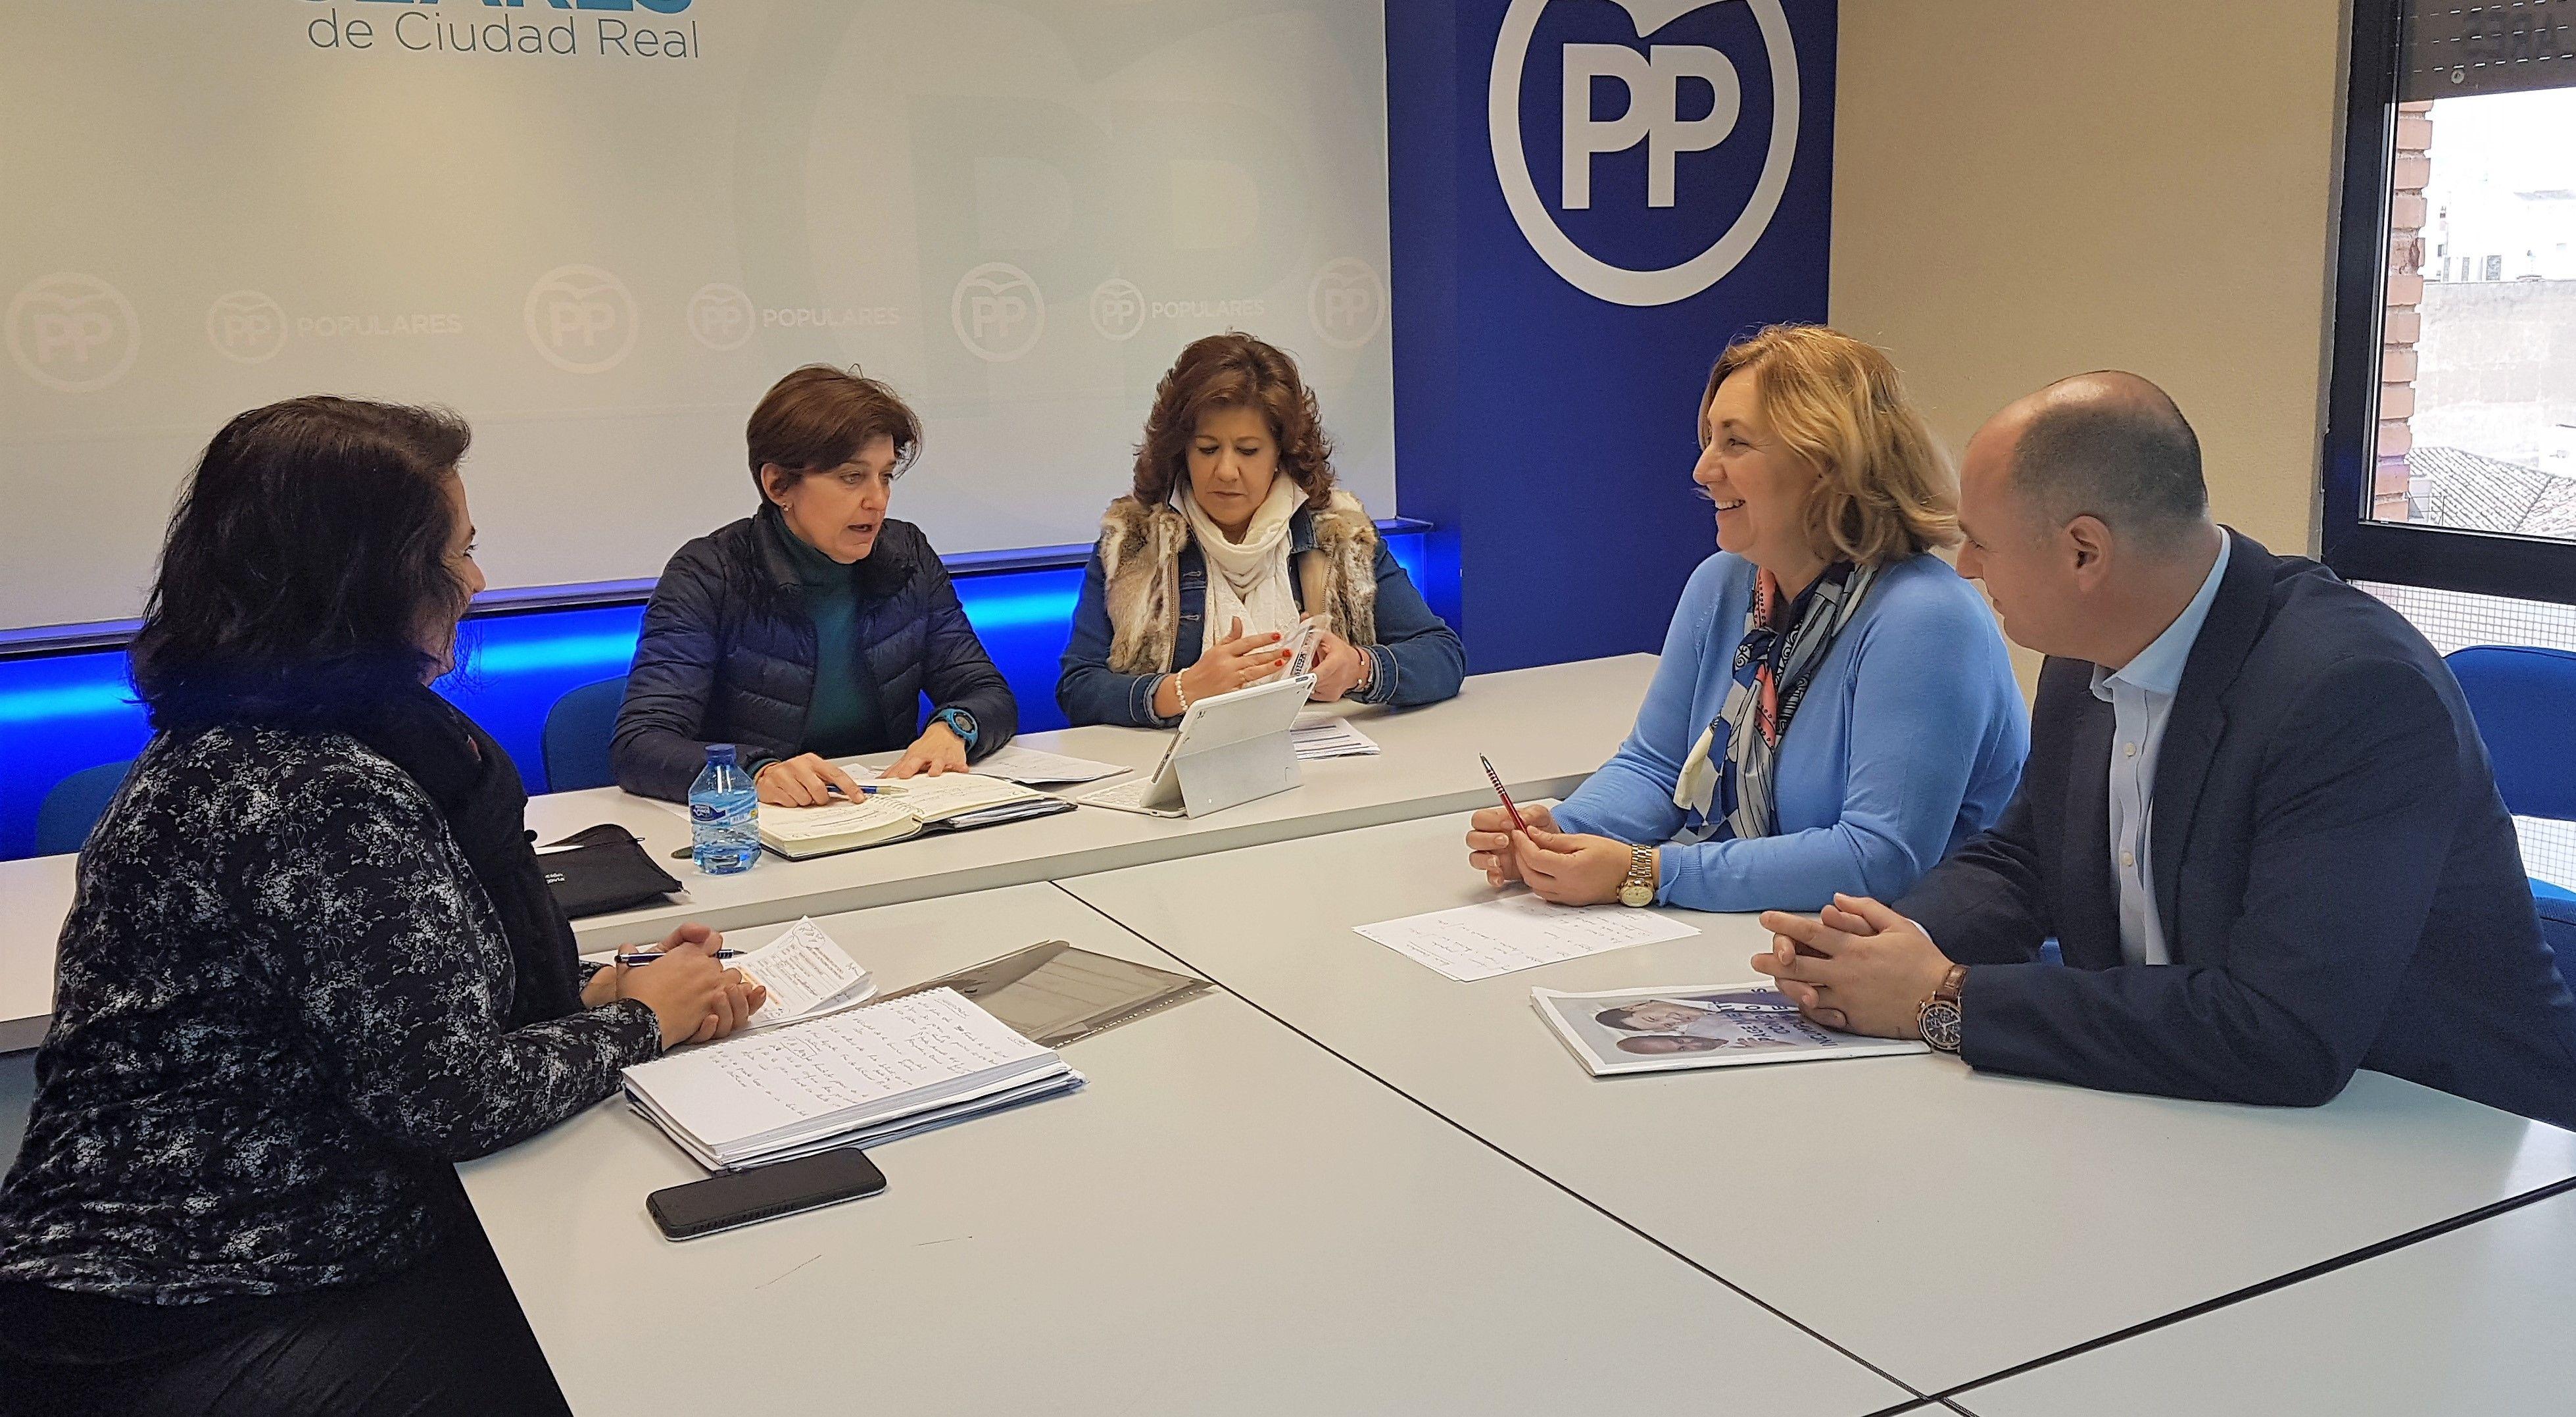 El PP denuncia que, por culpa de Page y Podemos, Castilla-La Mancha están sufriendo un grave retroceso